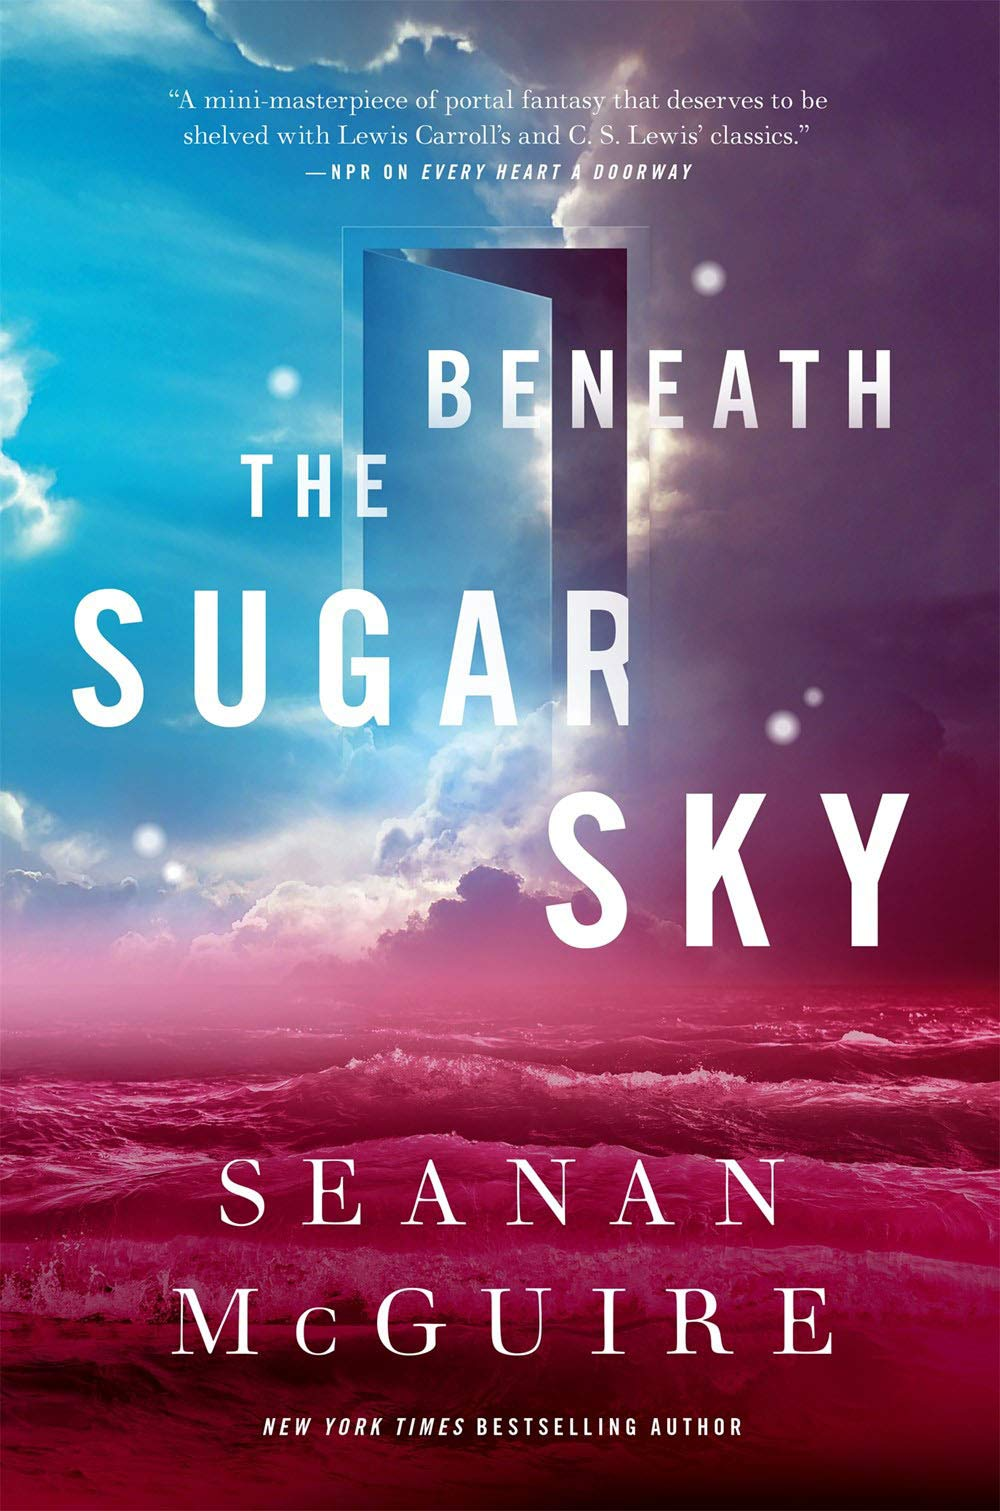 Wayward Children tome 3 de Seanan McGuire : Beneath the Sugar Sky